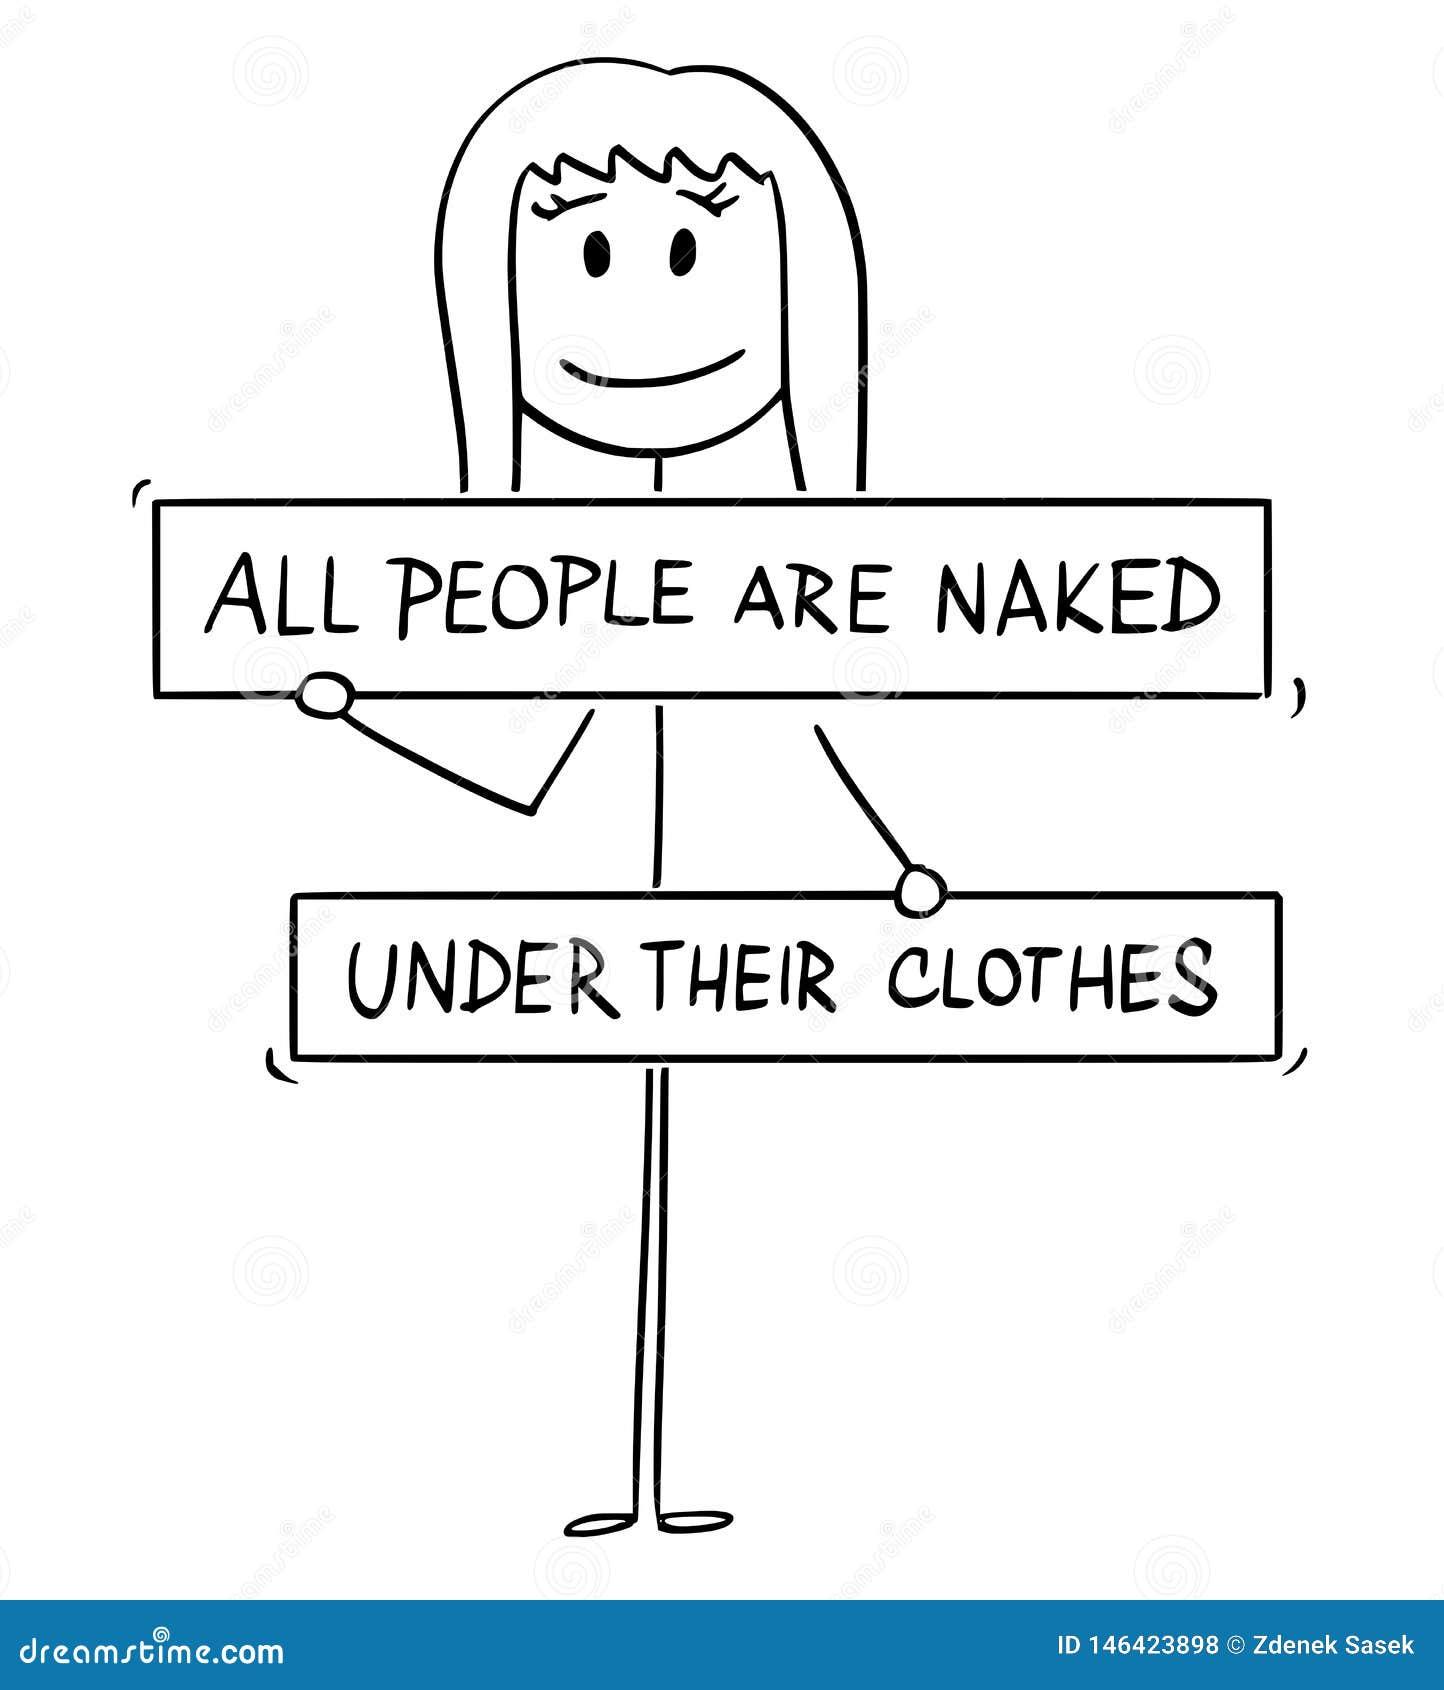 Karikatur der nackten Frau mit den Brüsten, die Leiste, Gabelung oder Genitalien, die von allen Leuten bedeckt werden, sind unter